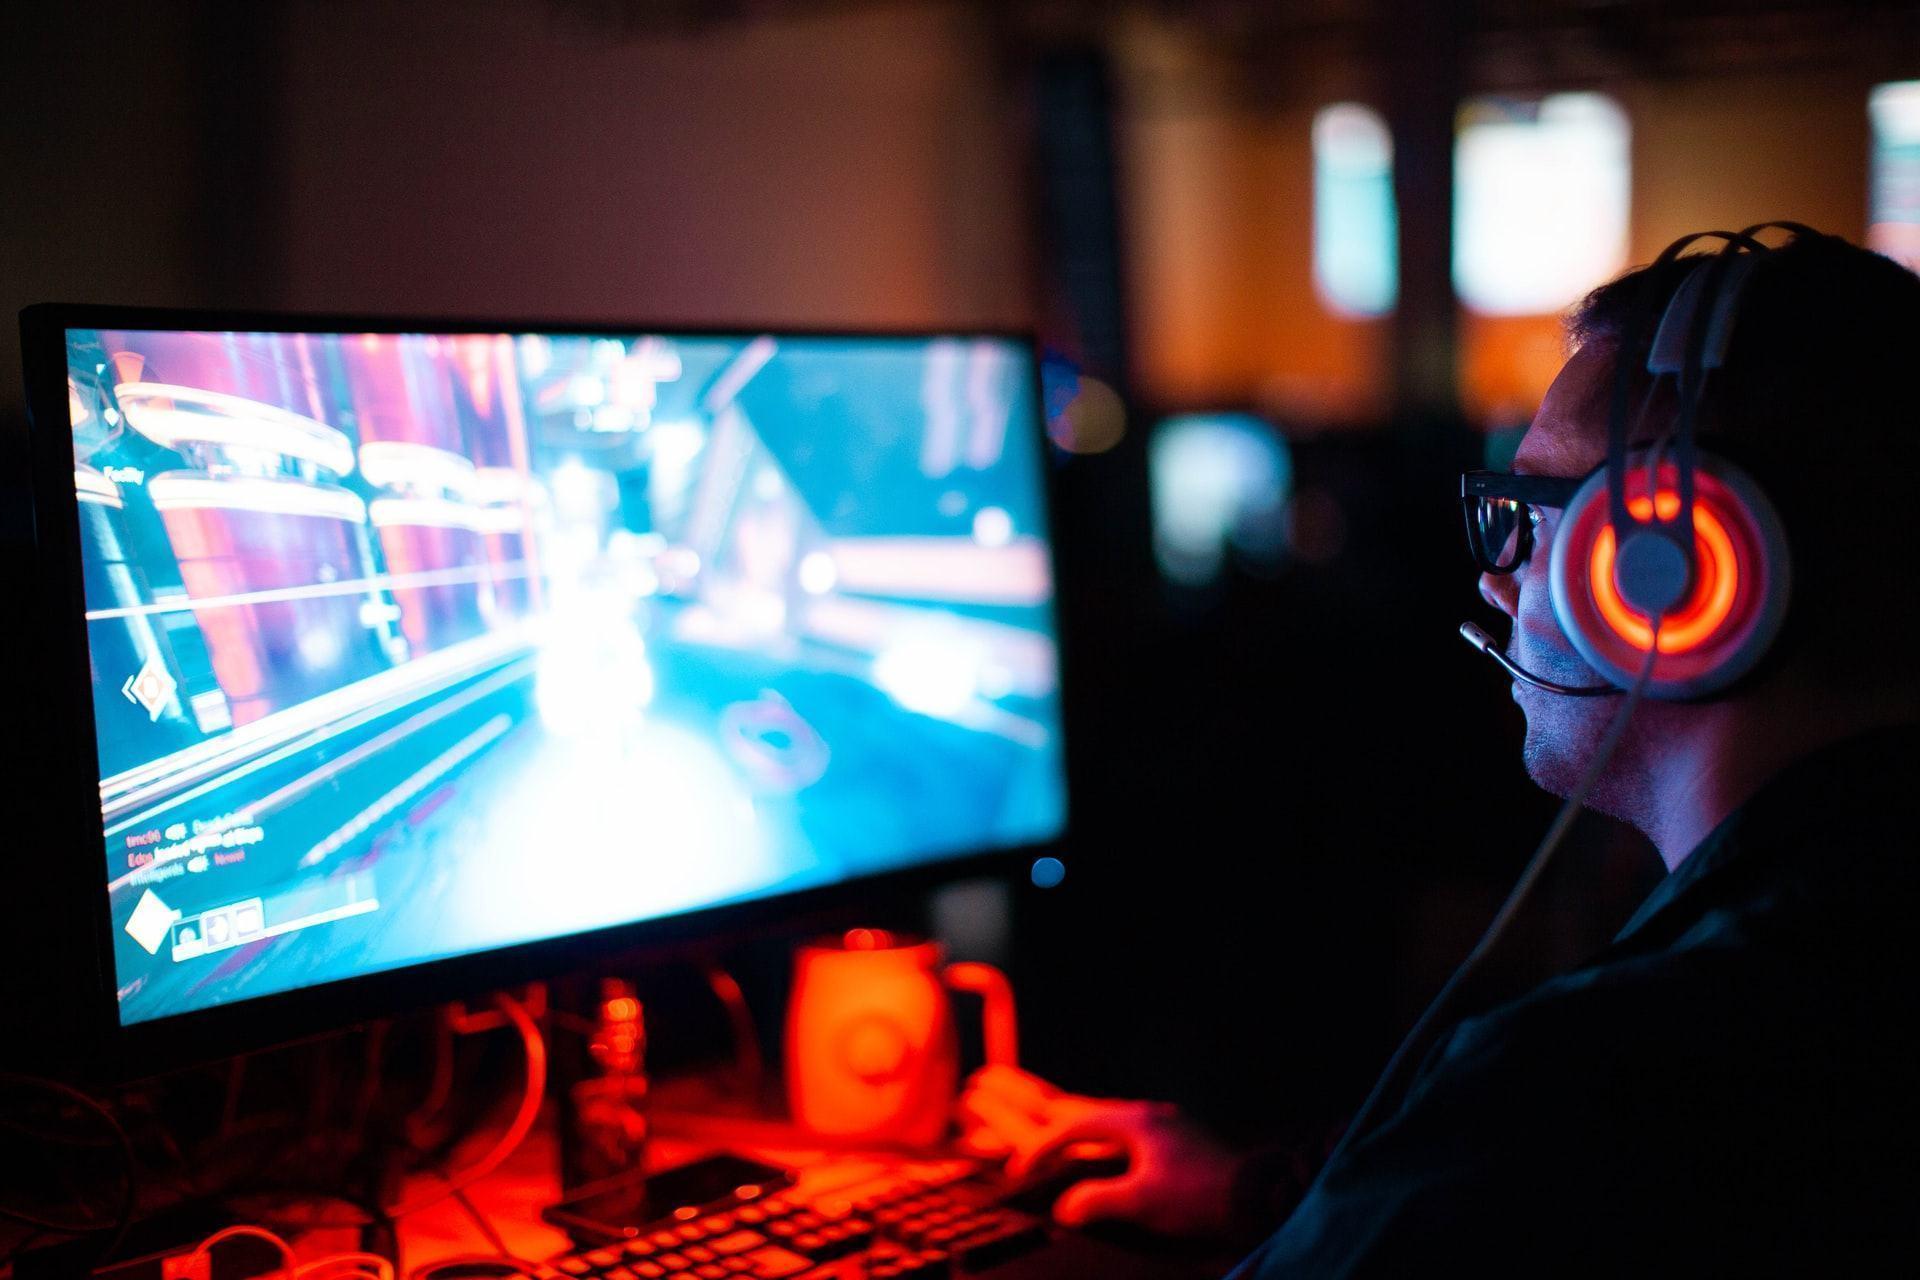 Consórcio gamer e leasing de iPhone: bancões tentam conquistar clientes com crédito para eletrônicos